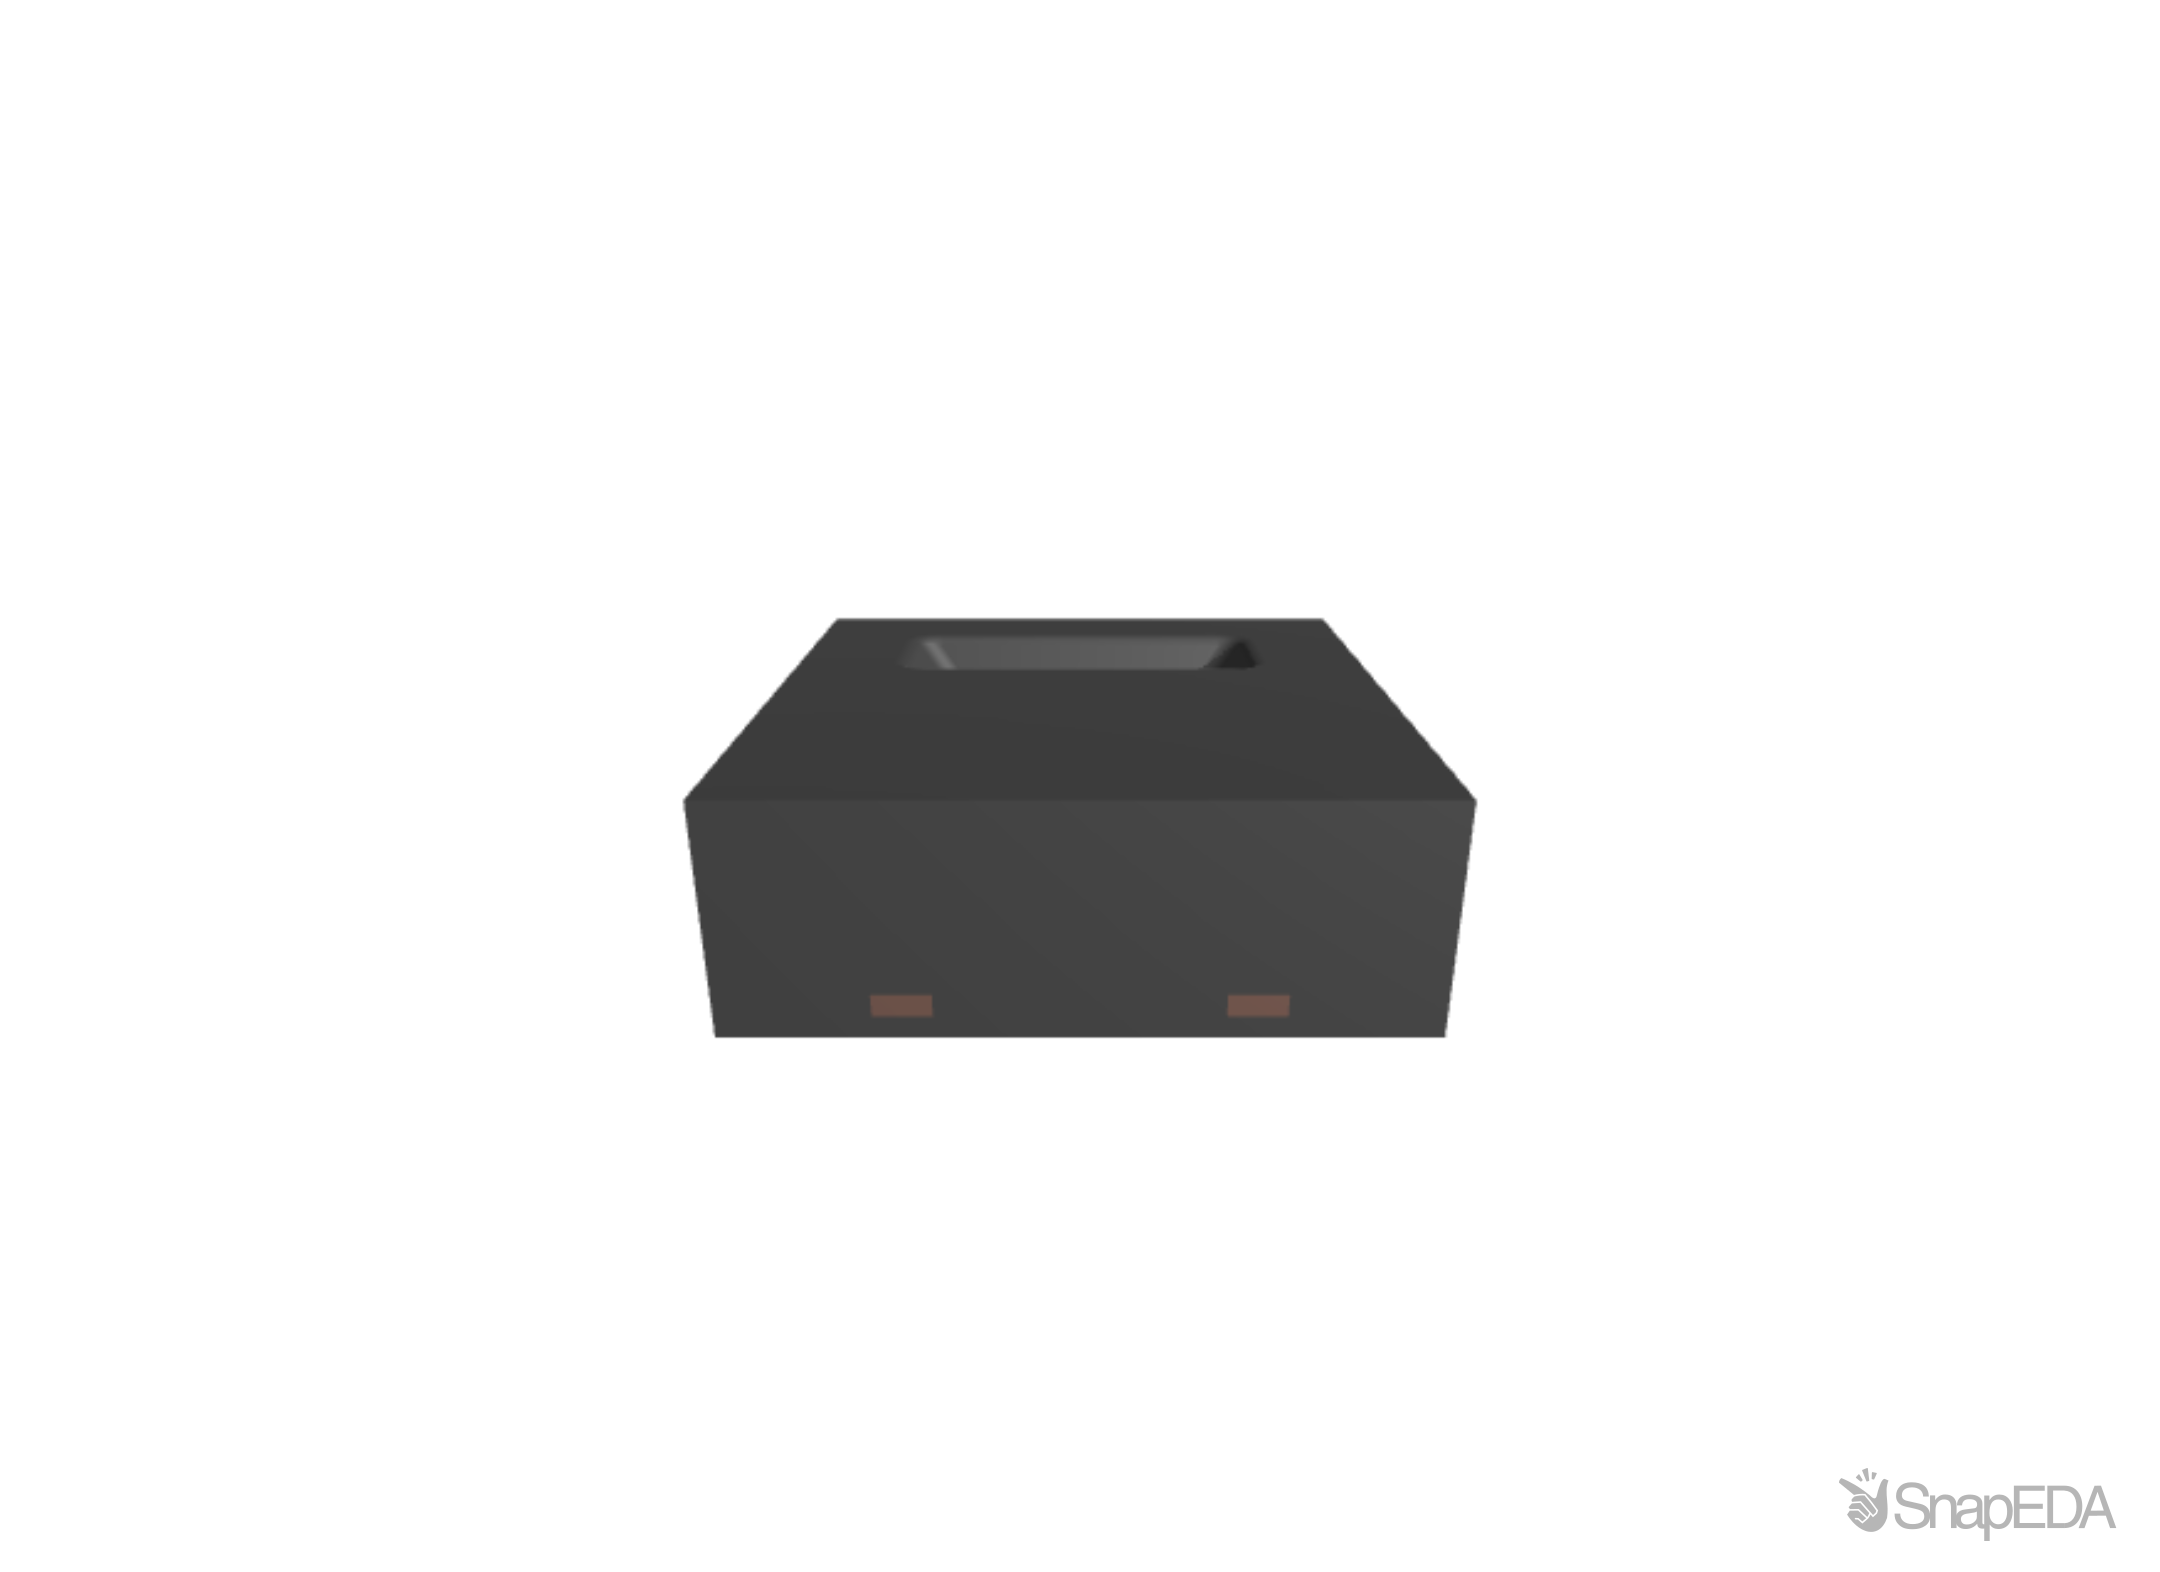 SHT21S 3D Model